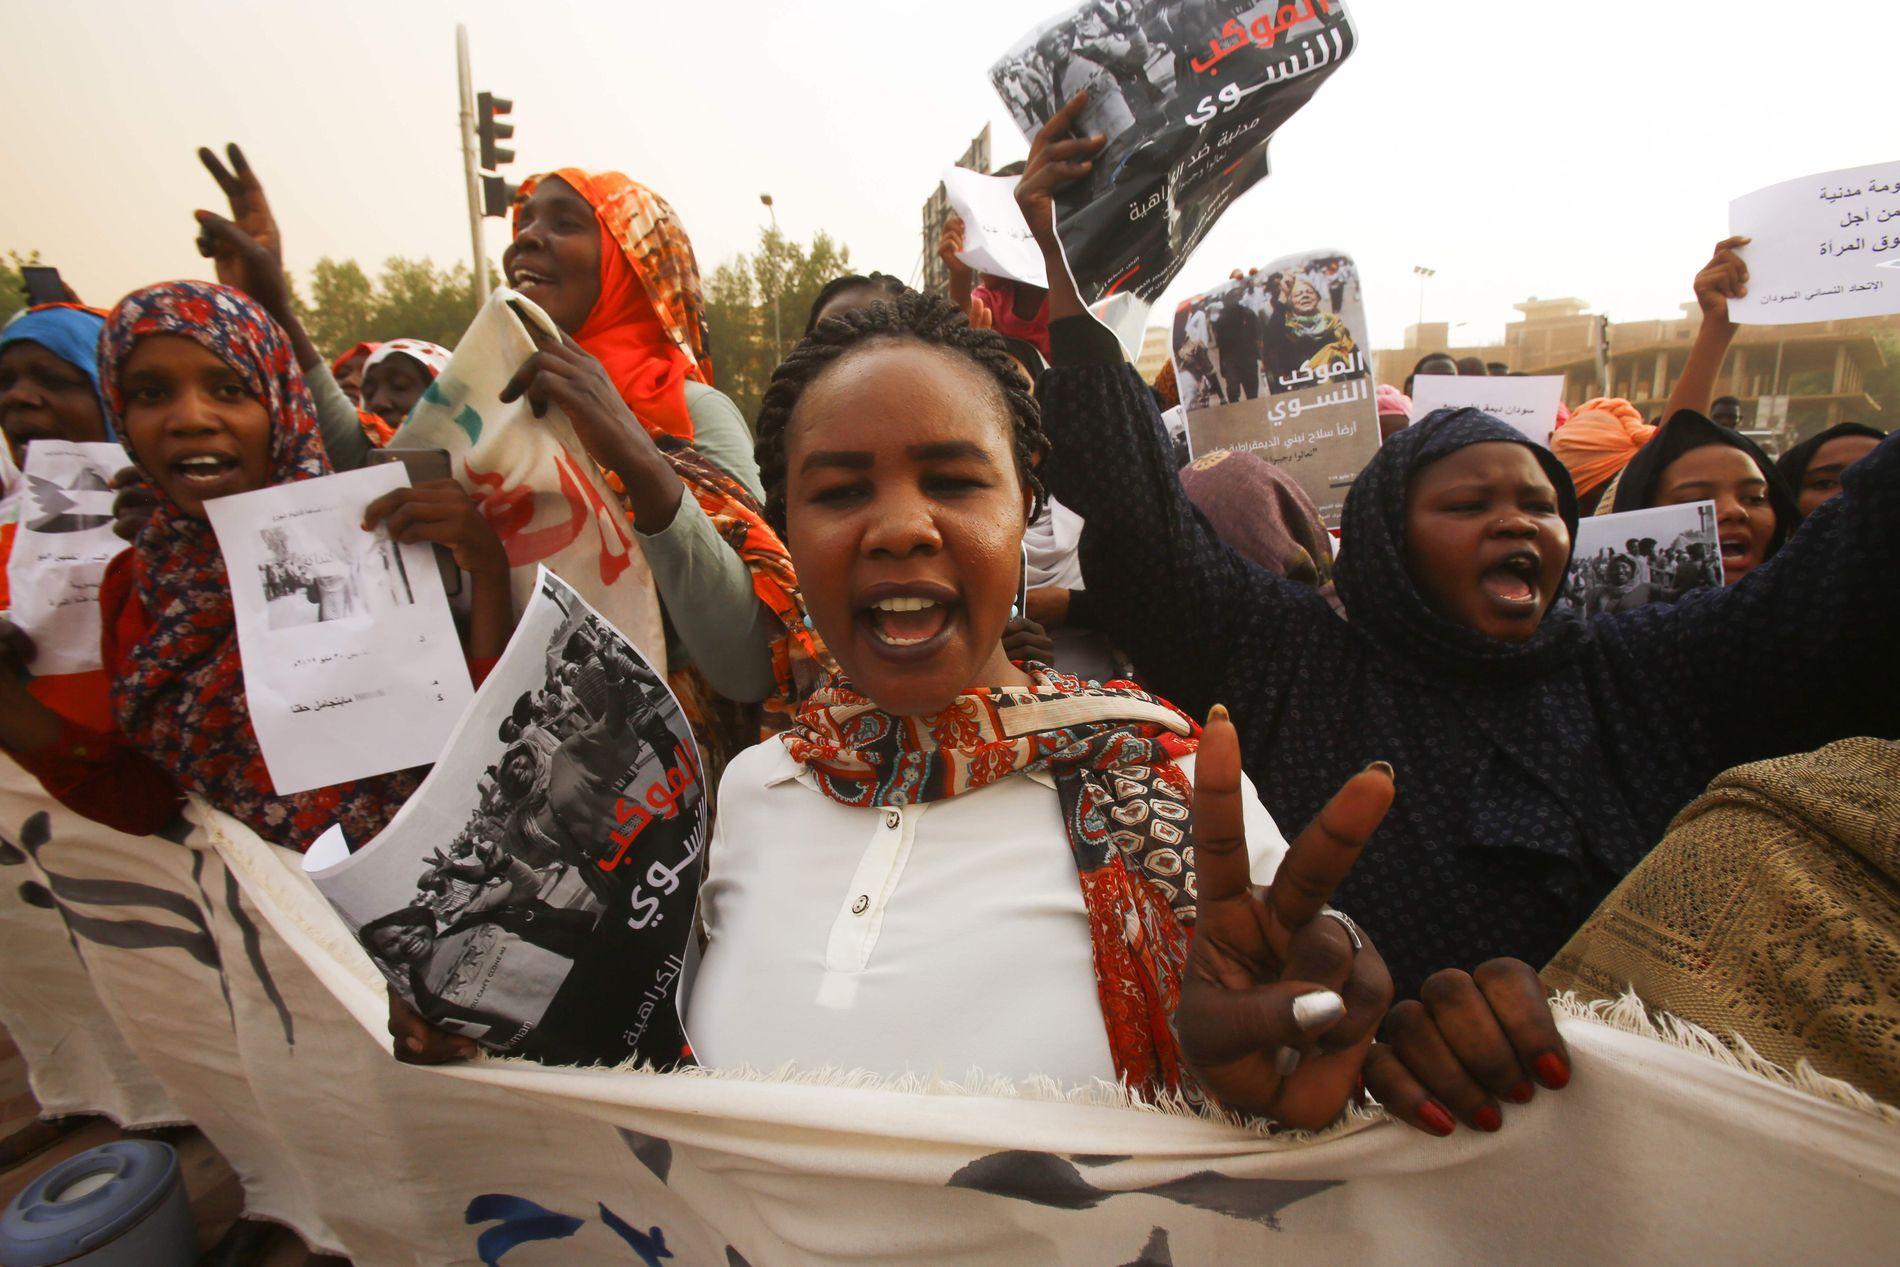 FREDELIG: Protestene i Sudan har i stor grad vært fredelige. Bildet er tatt i mars.